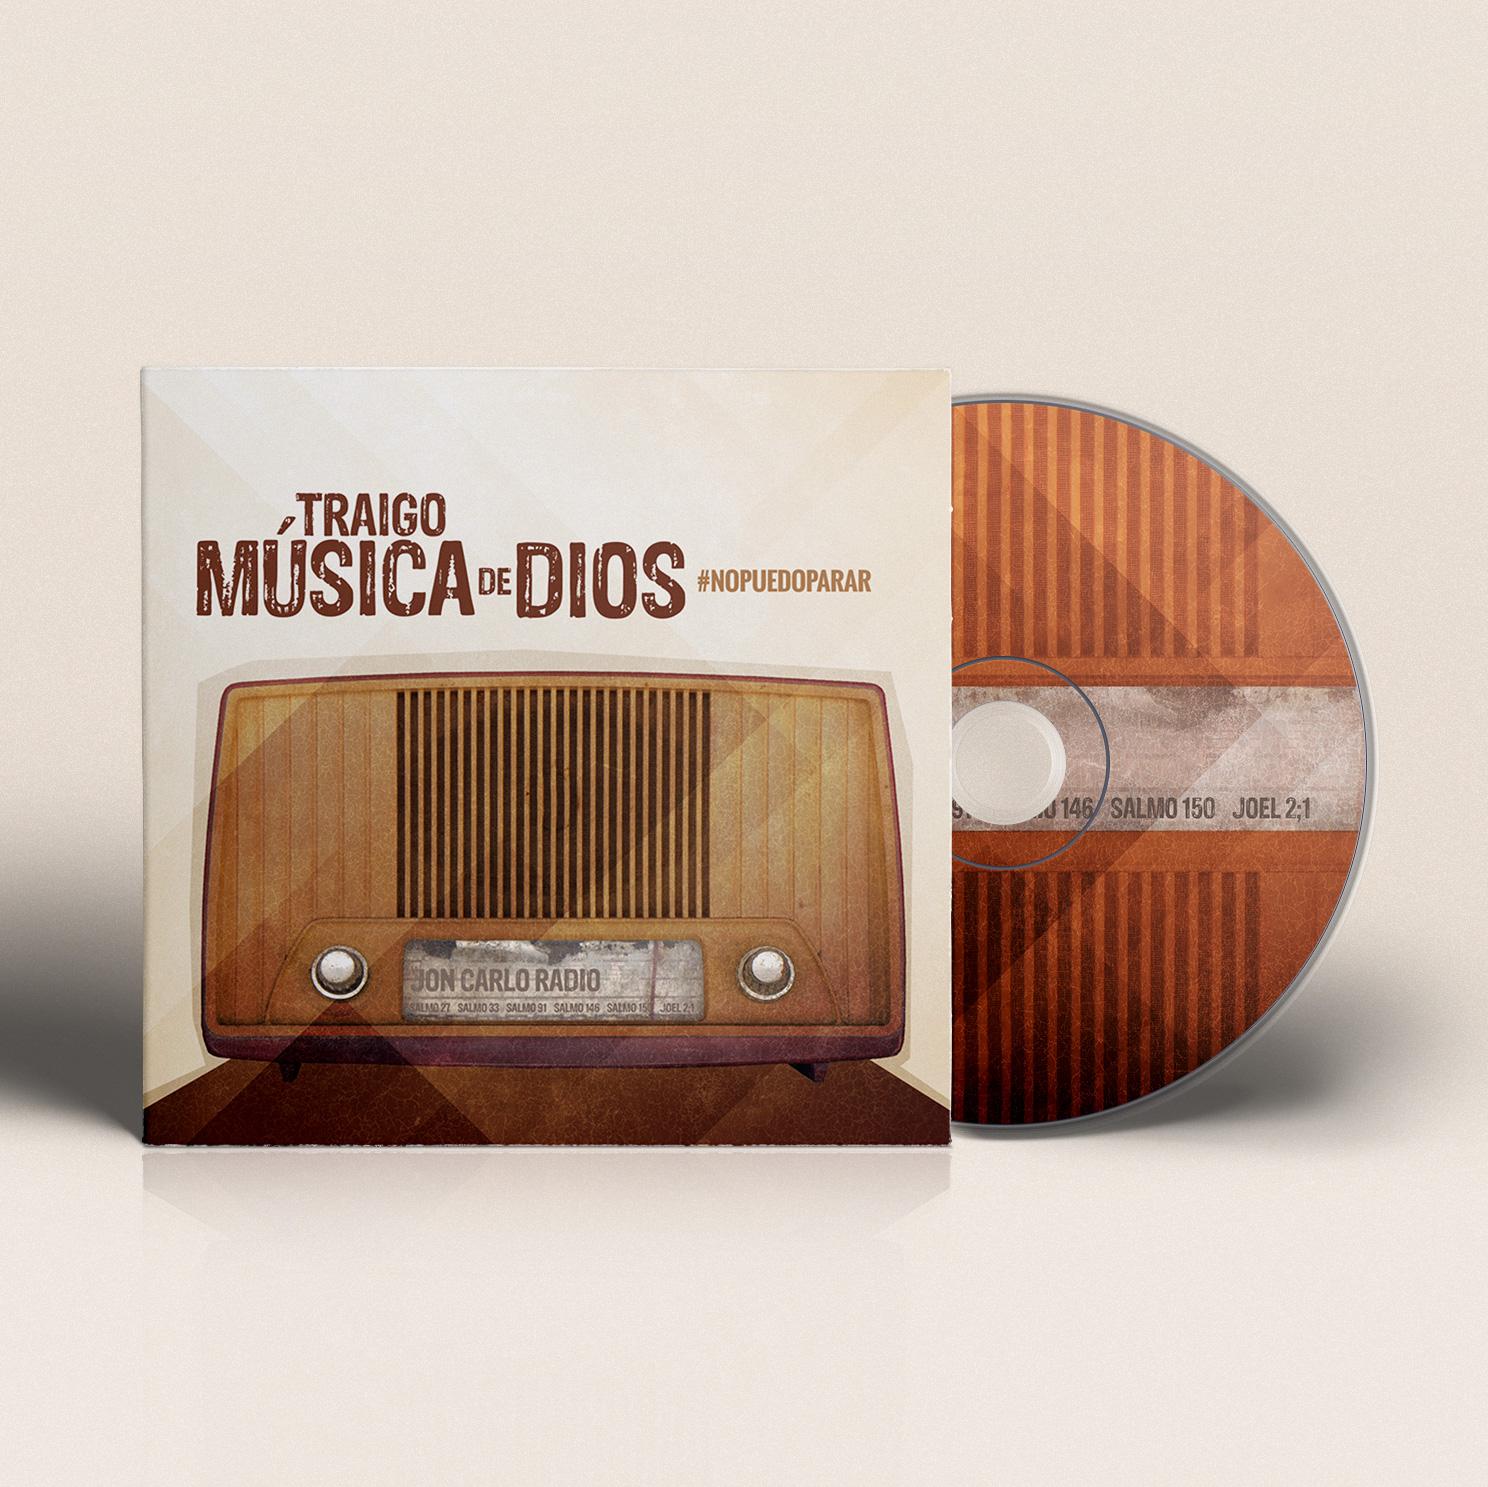 CD Design Traigo Musica de Dios | Jon Carlo Band